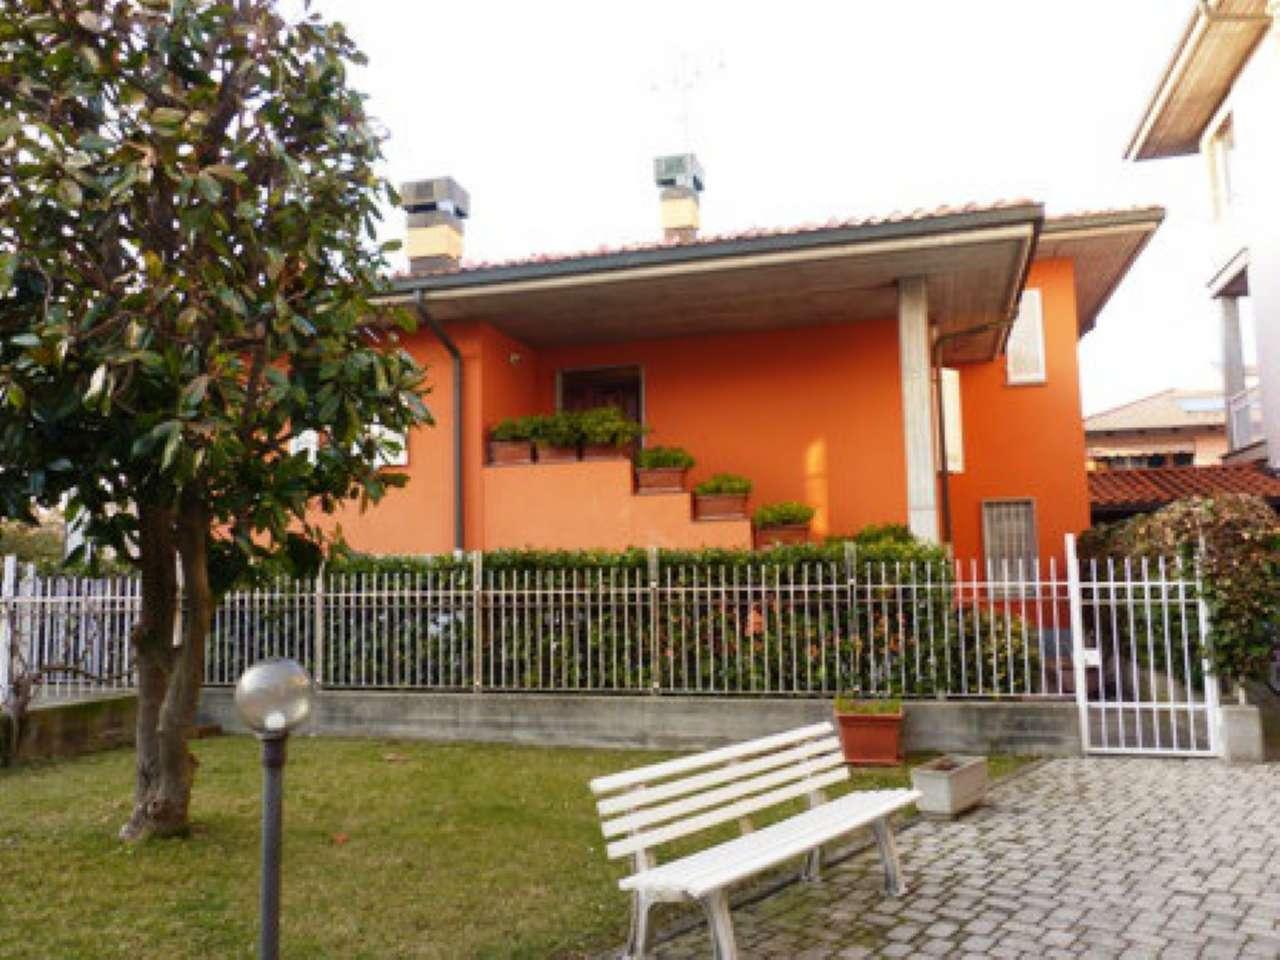 Appartamento in vendita a Fossano, 5 locali, prezzo € 425.000 | CambioCasa.it